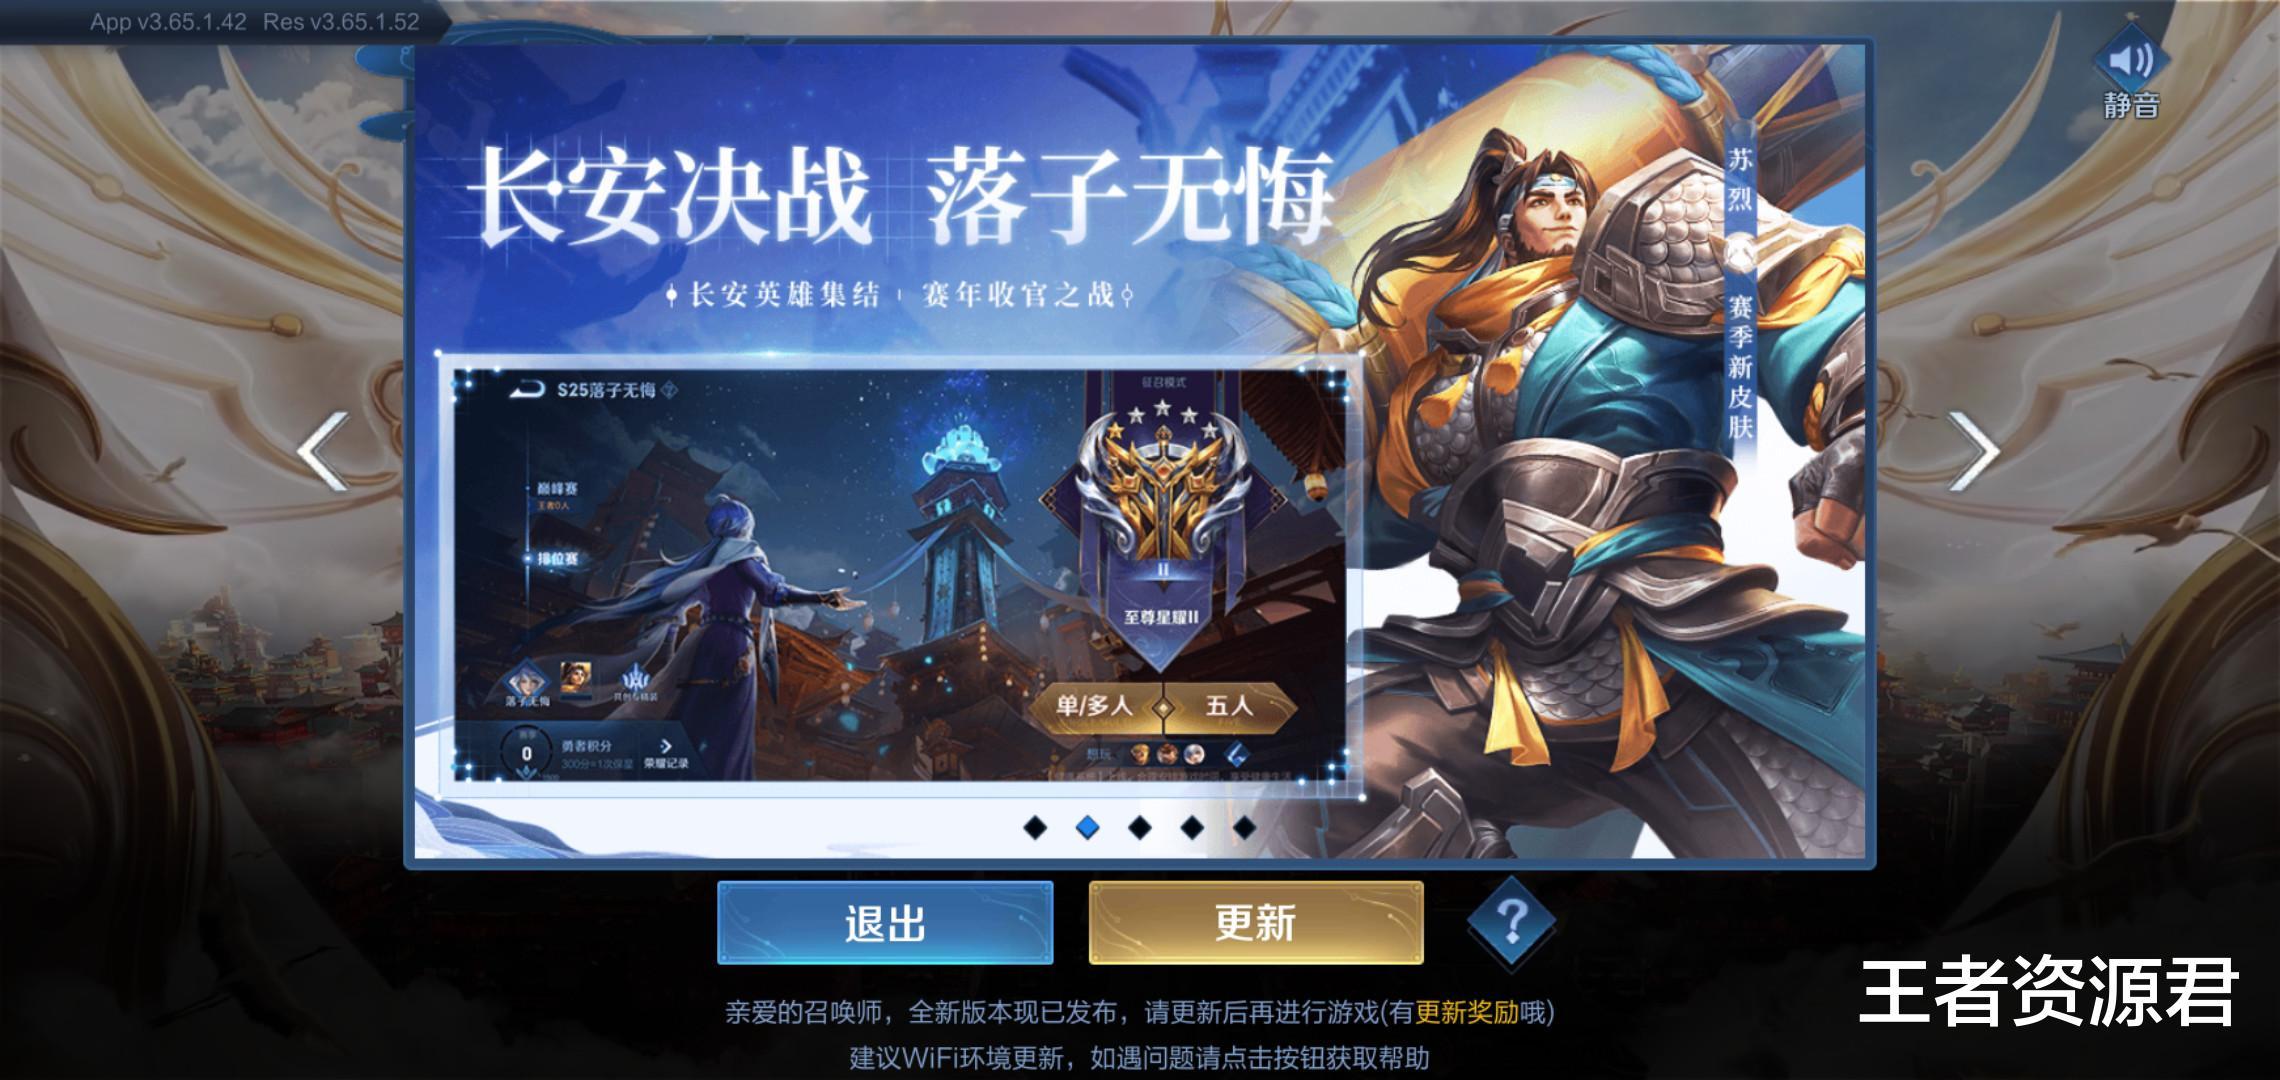 王者荣耀:23号1.8G更新,机制漏洞被发现,下赛季上荣耀!